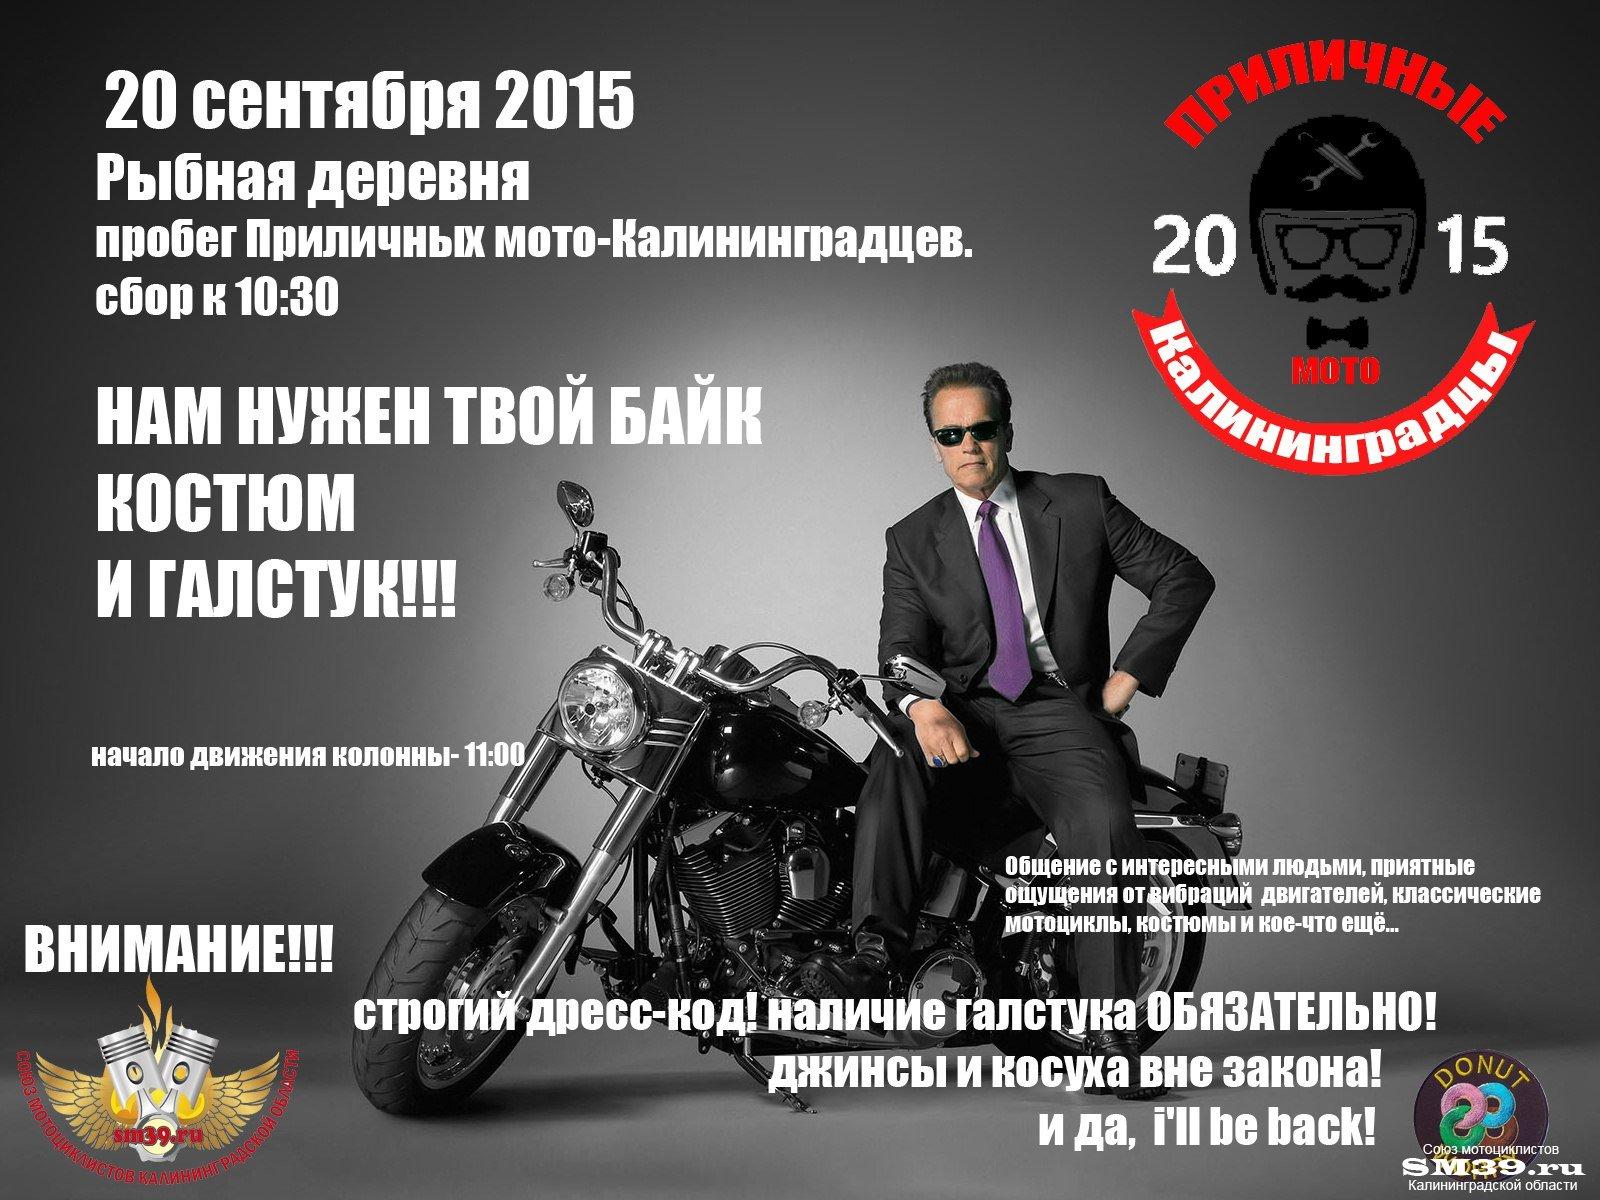 Мотопробег Приличных мото-Калининградцев 20 сентября 2015